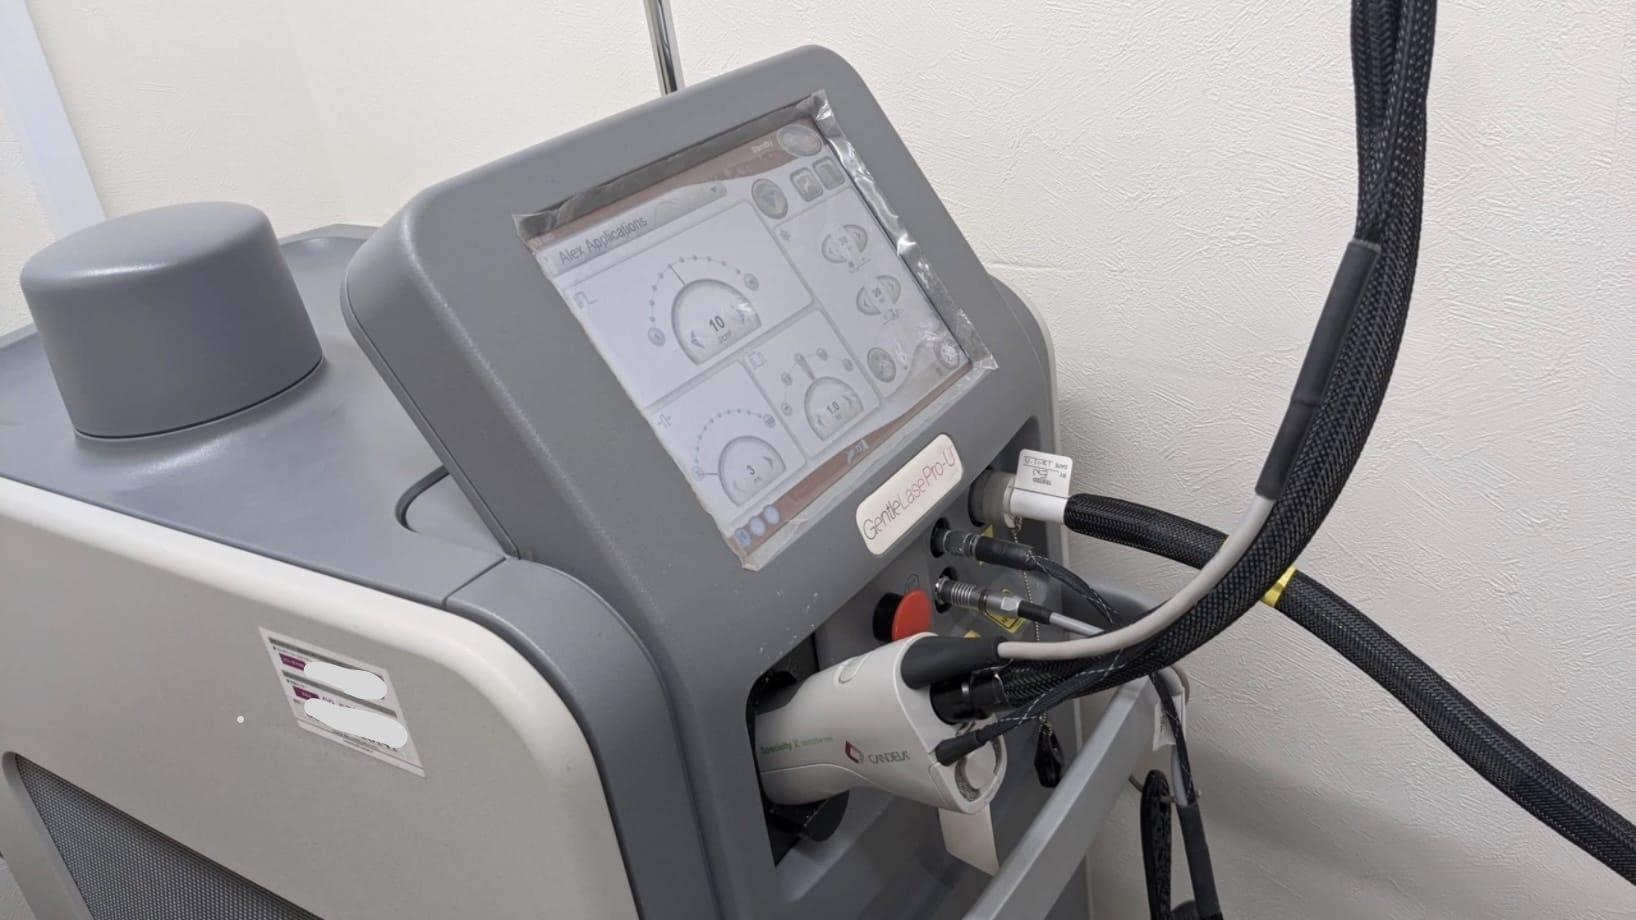 湘南美容クリニックで使用しているアレキサンドライトレーザーのマシン「ジェントルレーズPRO」